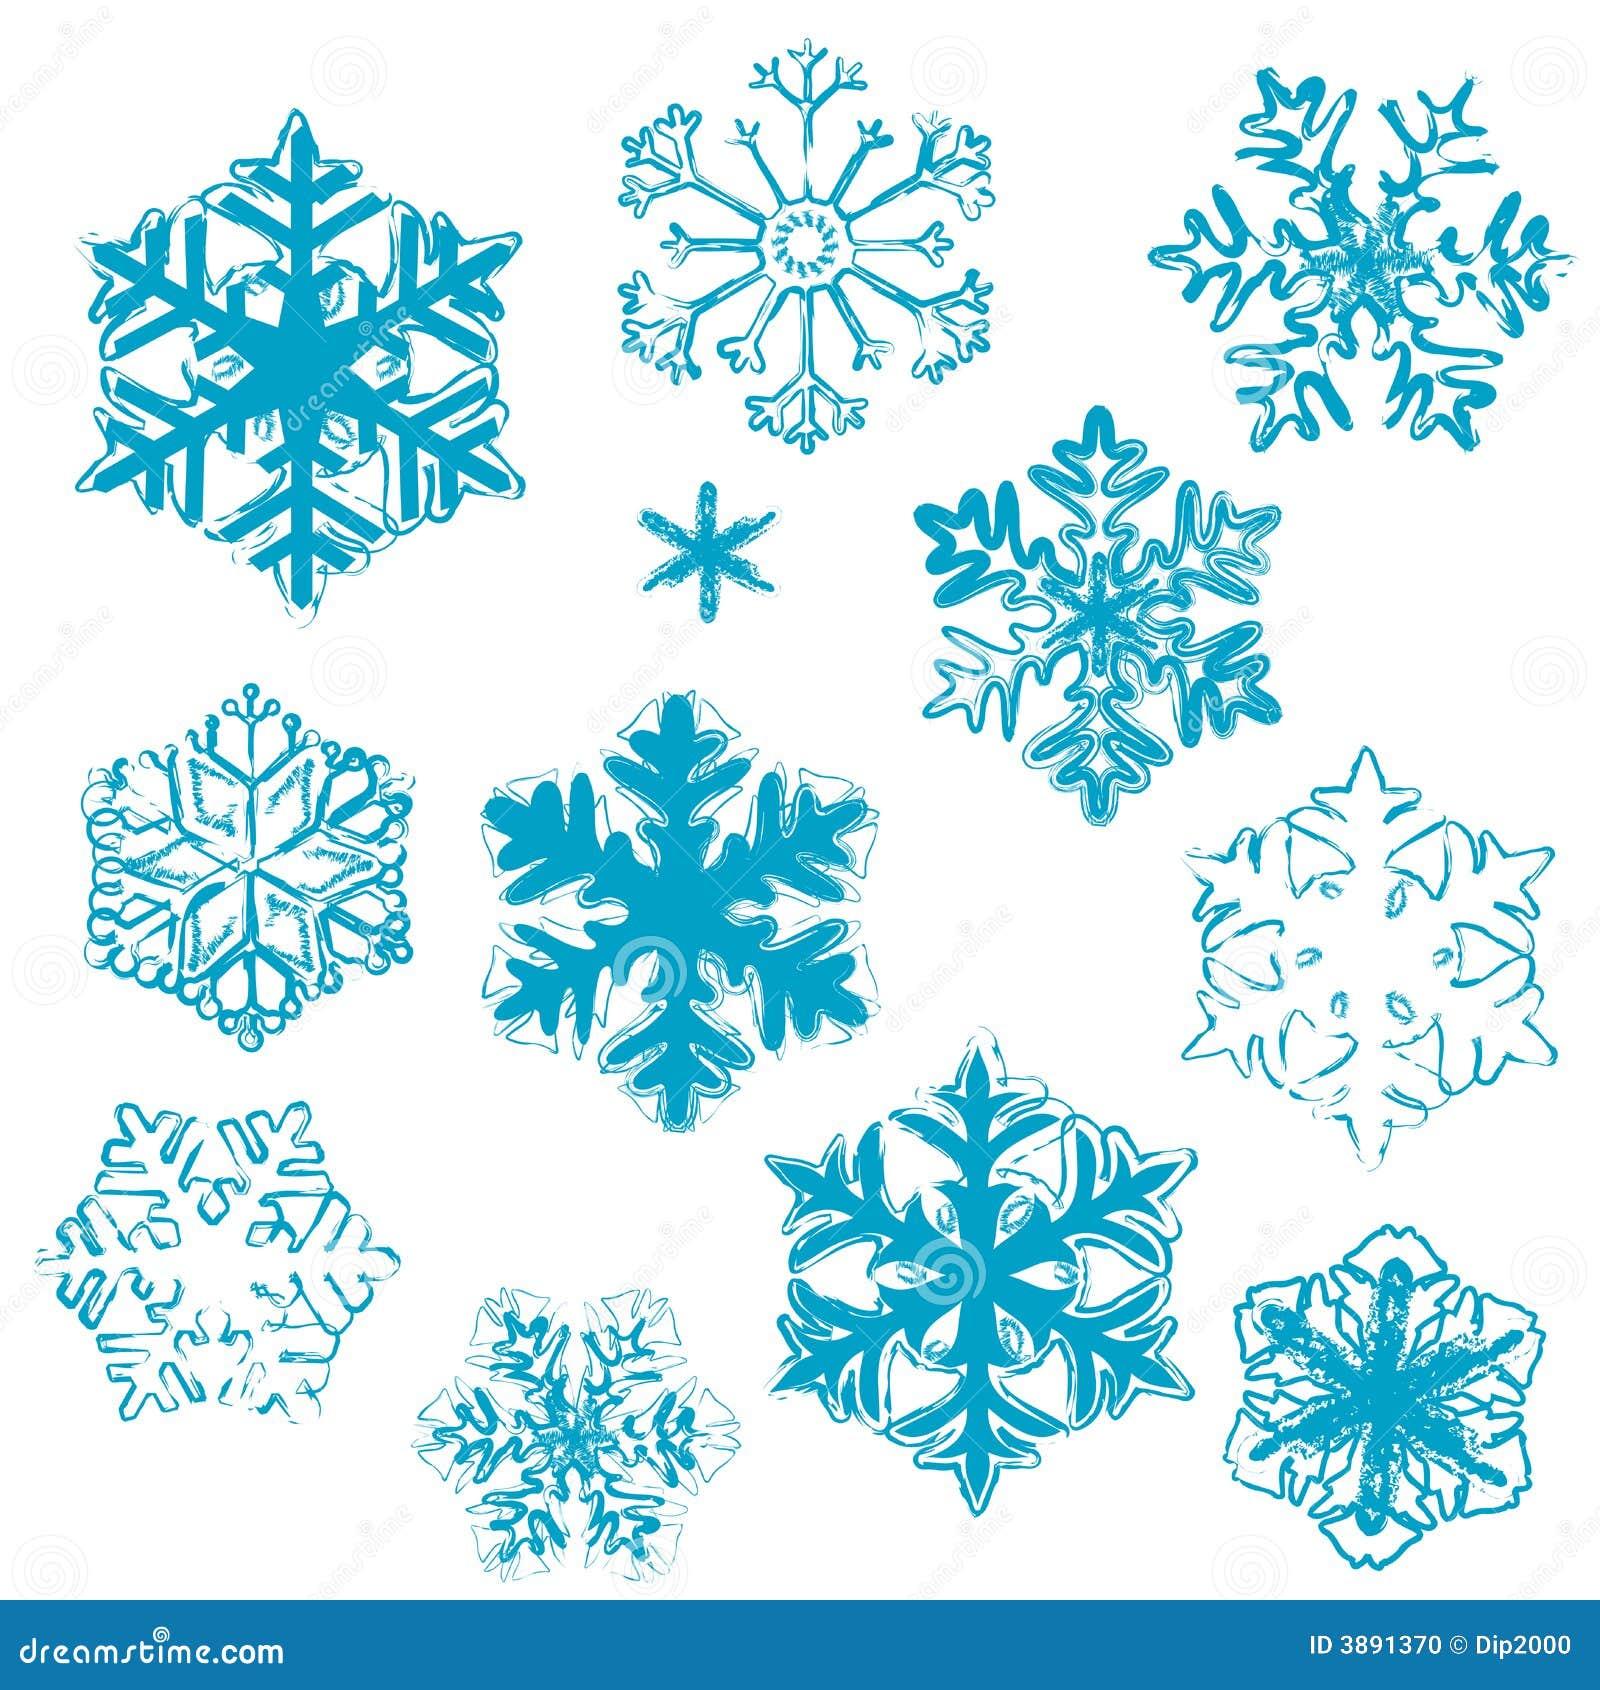 Disegni del fiocco di neve